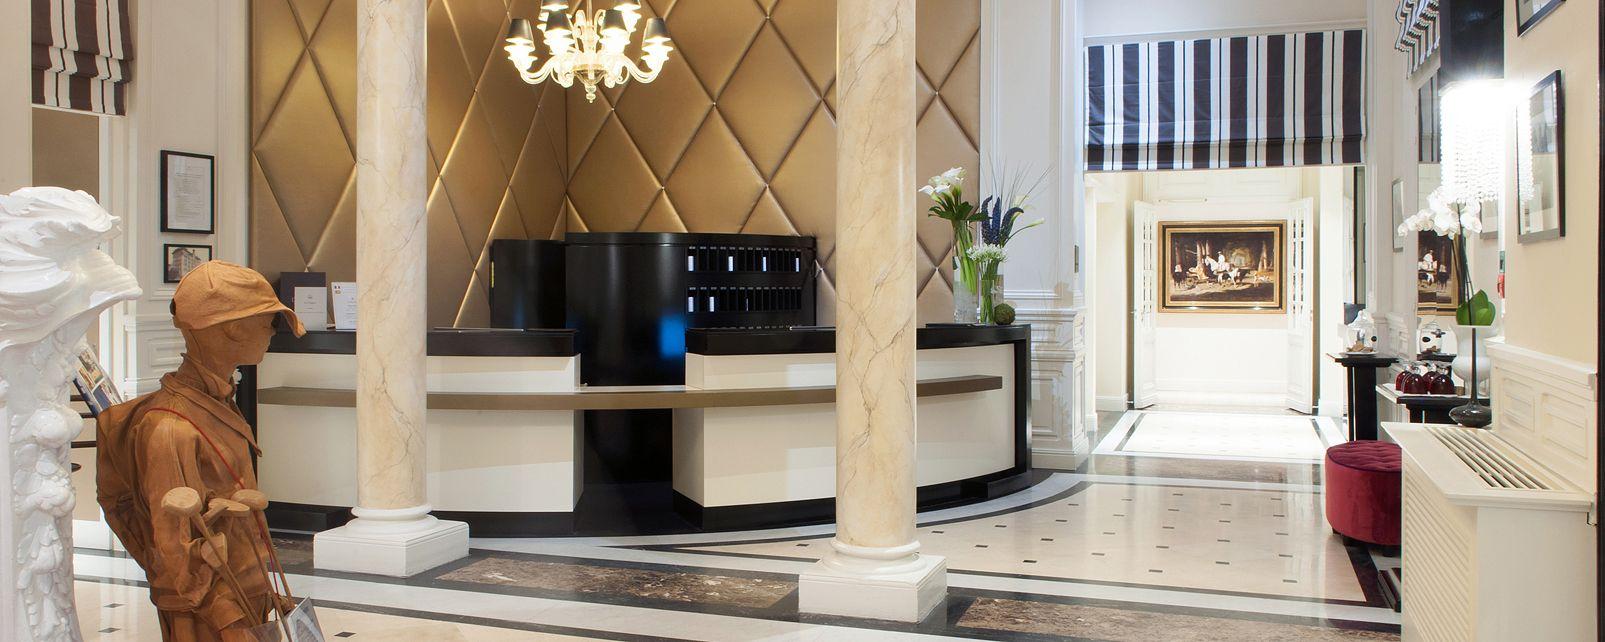 Hôtel Grand Hôtel Thalasso & Spa St Jean de Luz